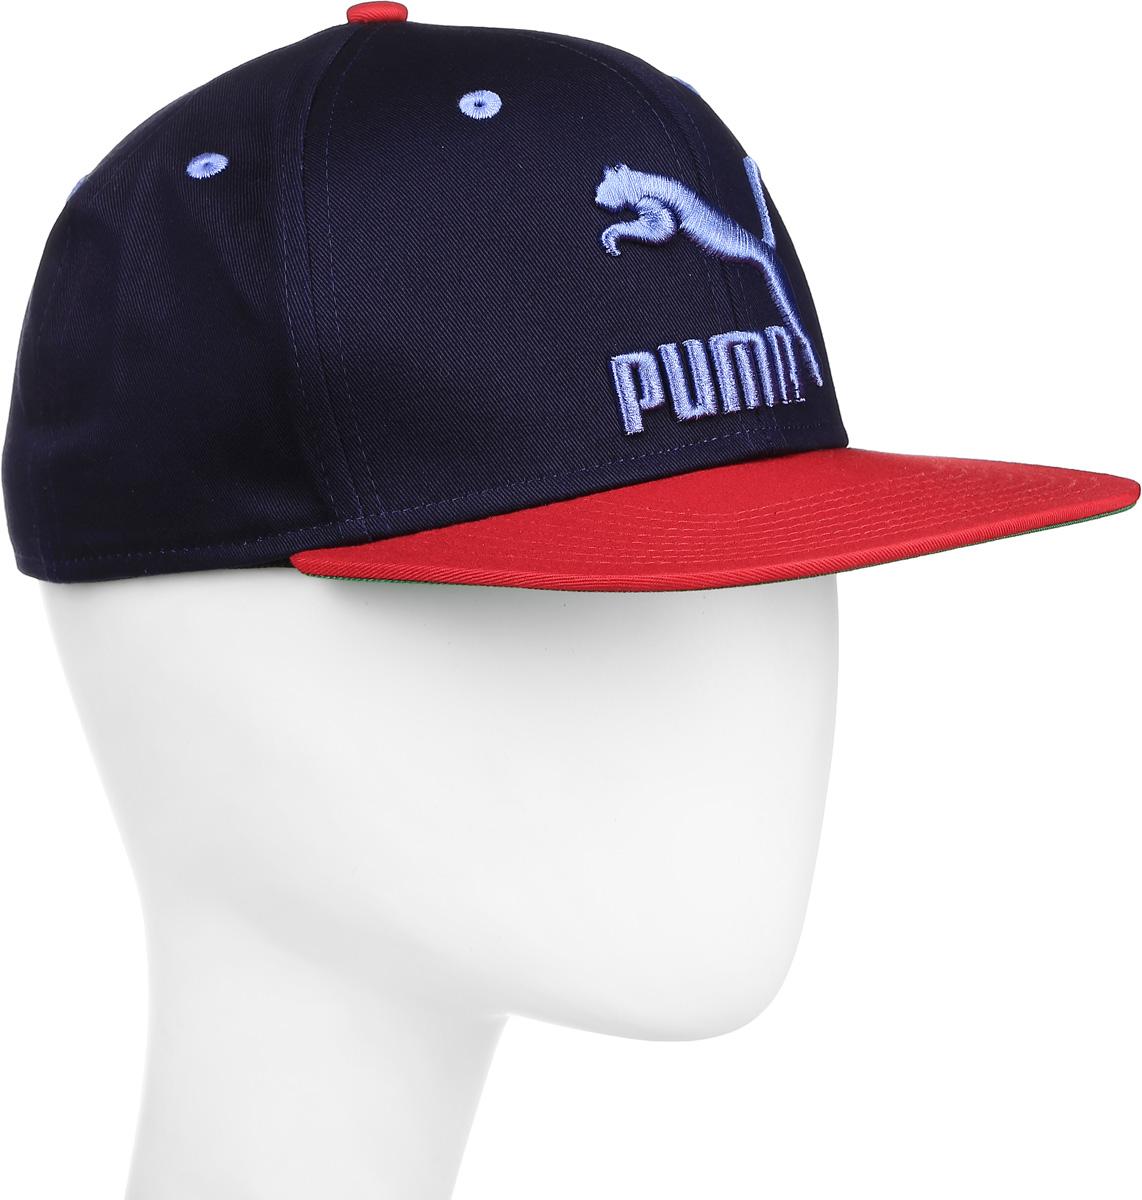 Бейсболка05294207Стильная бейсболка Puma LS ColourBlock SnapBack идеально подойдет для прогулок, занятий спортом и отдыха. Бейсболка выполнена из 100% хлопка, снабжена впитывающей внутренней отделкой и имеет плотный плоский козырек. Модель дополнена специальными отверстиями, обеспечивающими необходимую вентиляцию. Бейсболка на фронтальной части декорирована вышитым объемным логотипом PUMA, а застёжка сзади имеет тканый ярлык с символикой PUMA. Объем бейсболки регулируется при помощи пластиковой застежки на кнопках. Такая бейсболка станет отличным аксессуаром и дополнит ваш повседневный образ.